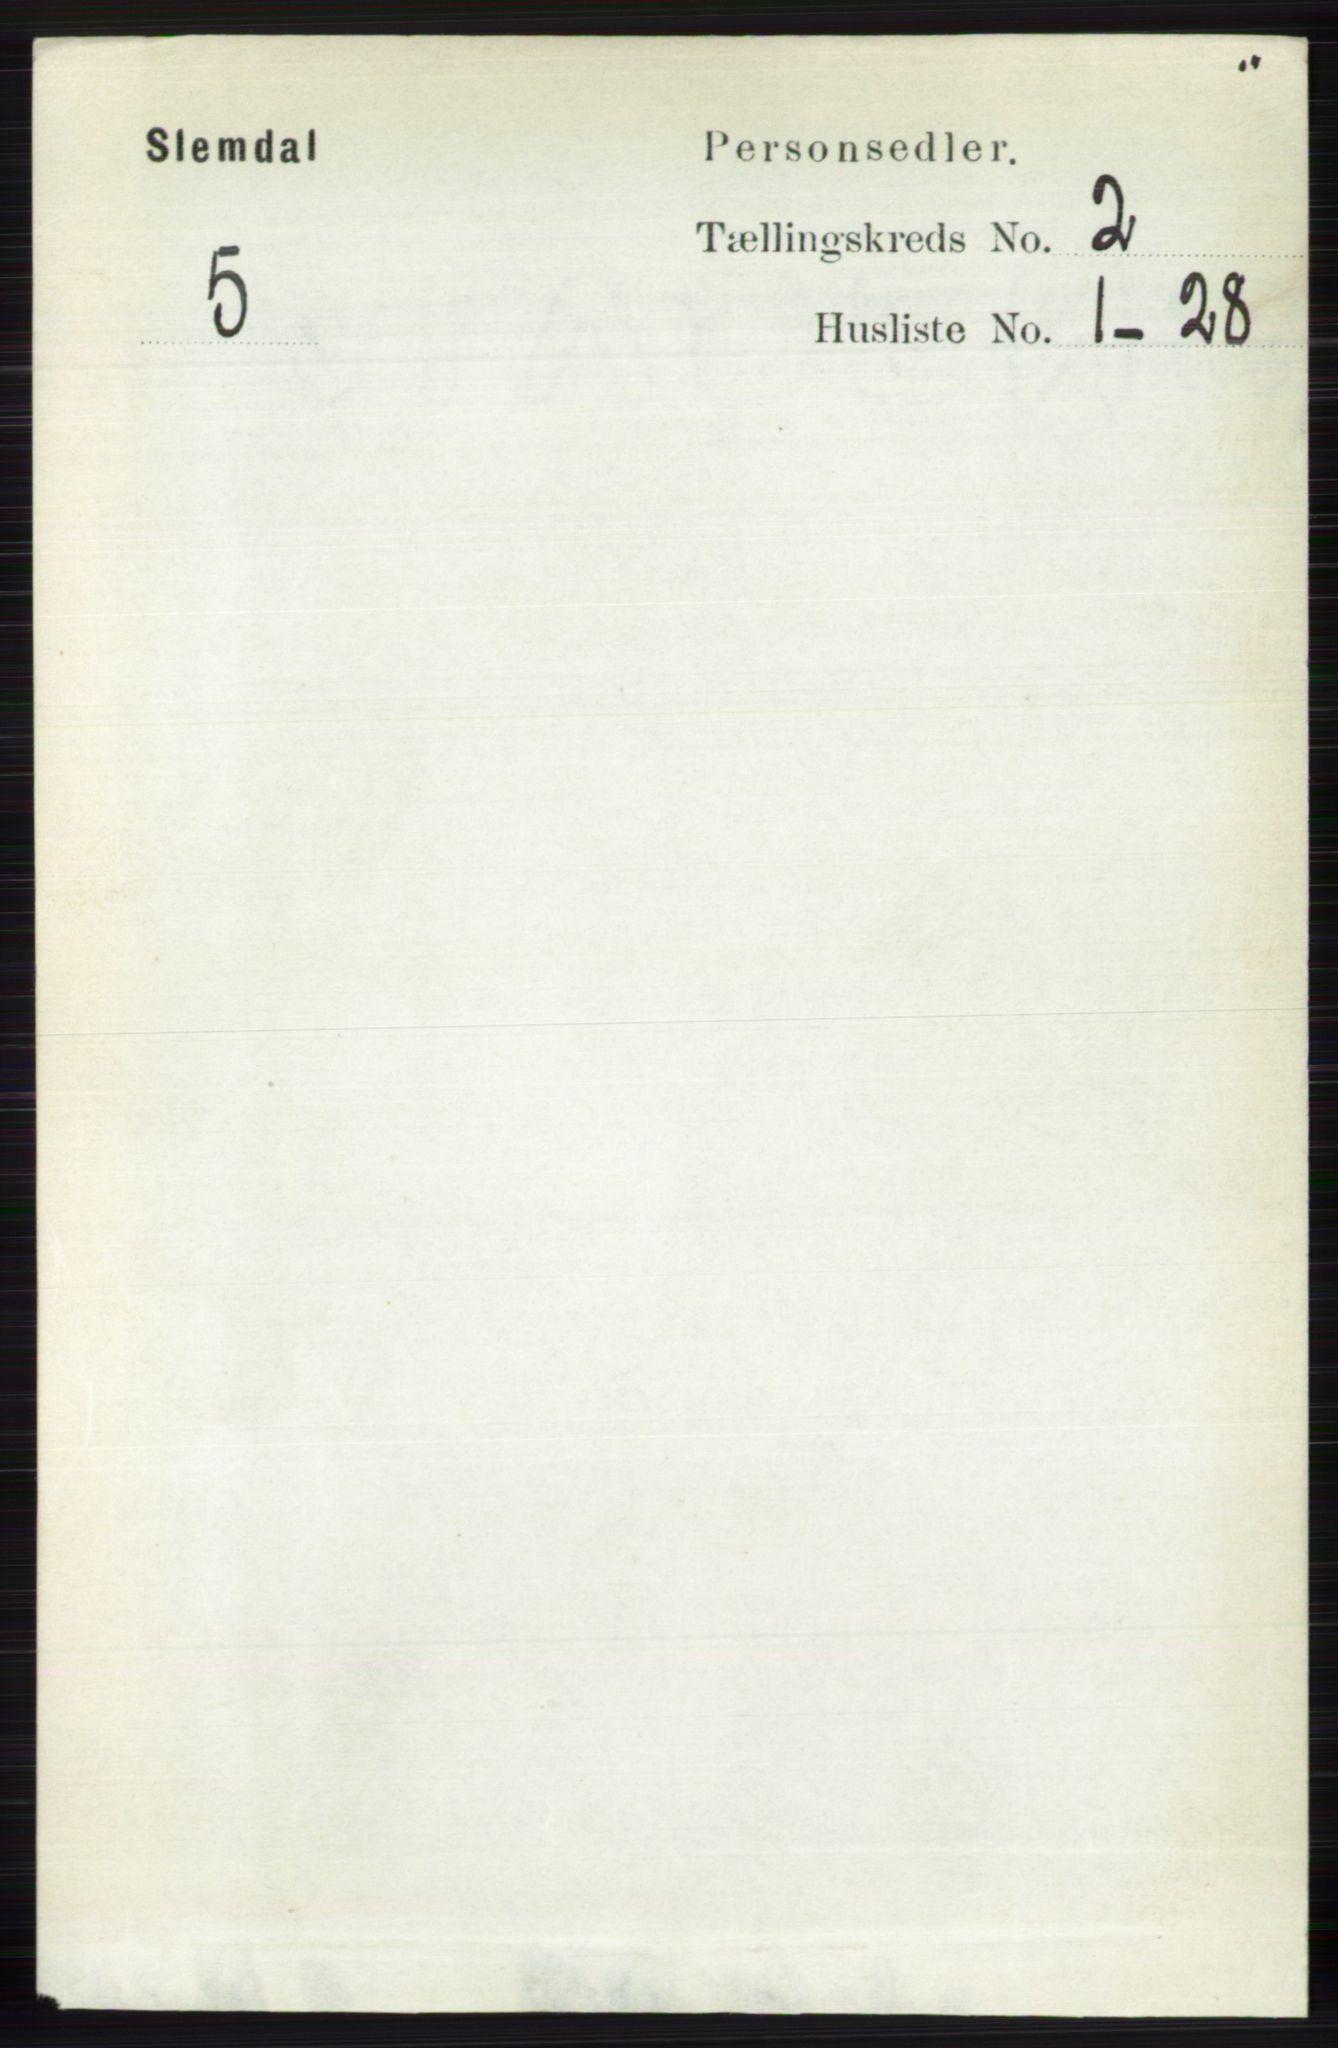 RA, Folketelling 1891 for 0811 Slemdal herred, 1891, s. 366